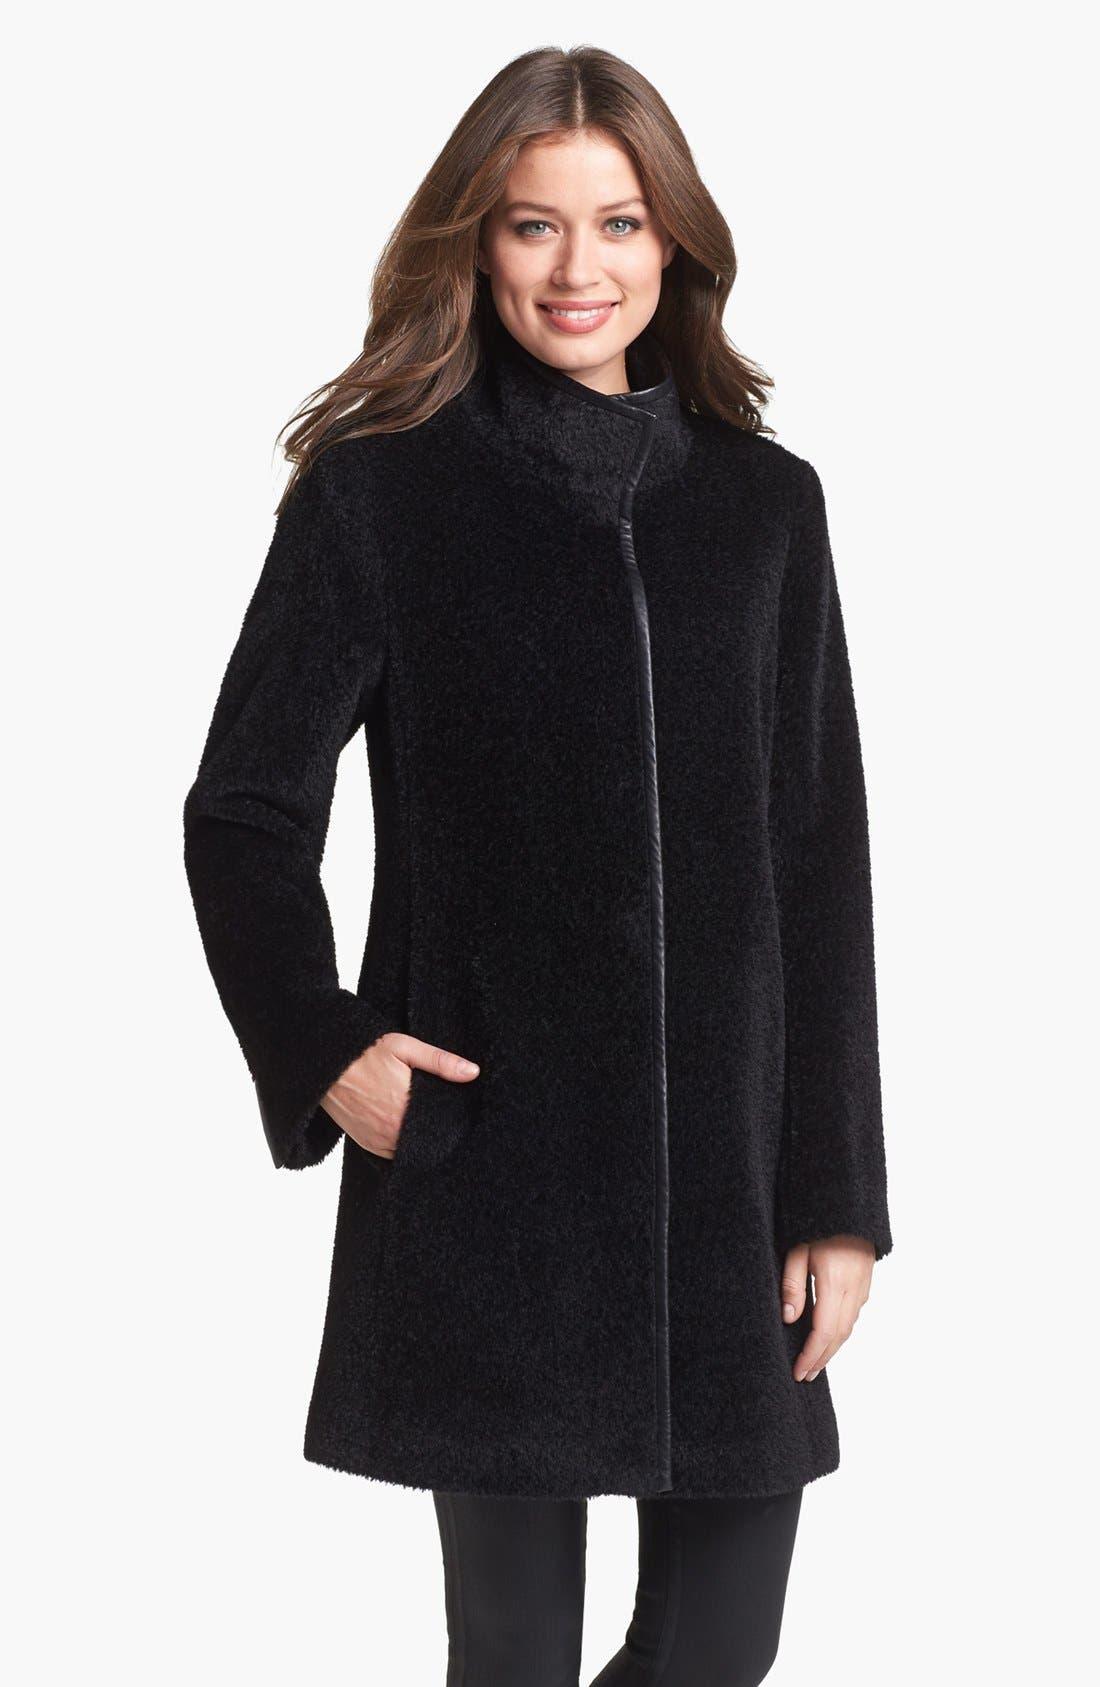 Alternate Image 1 Selected - Eileen Fisher Wool & Alpaca Blend Coat